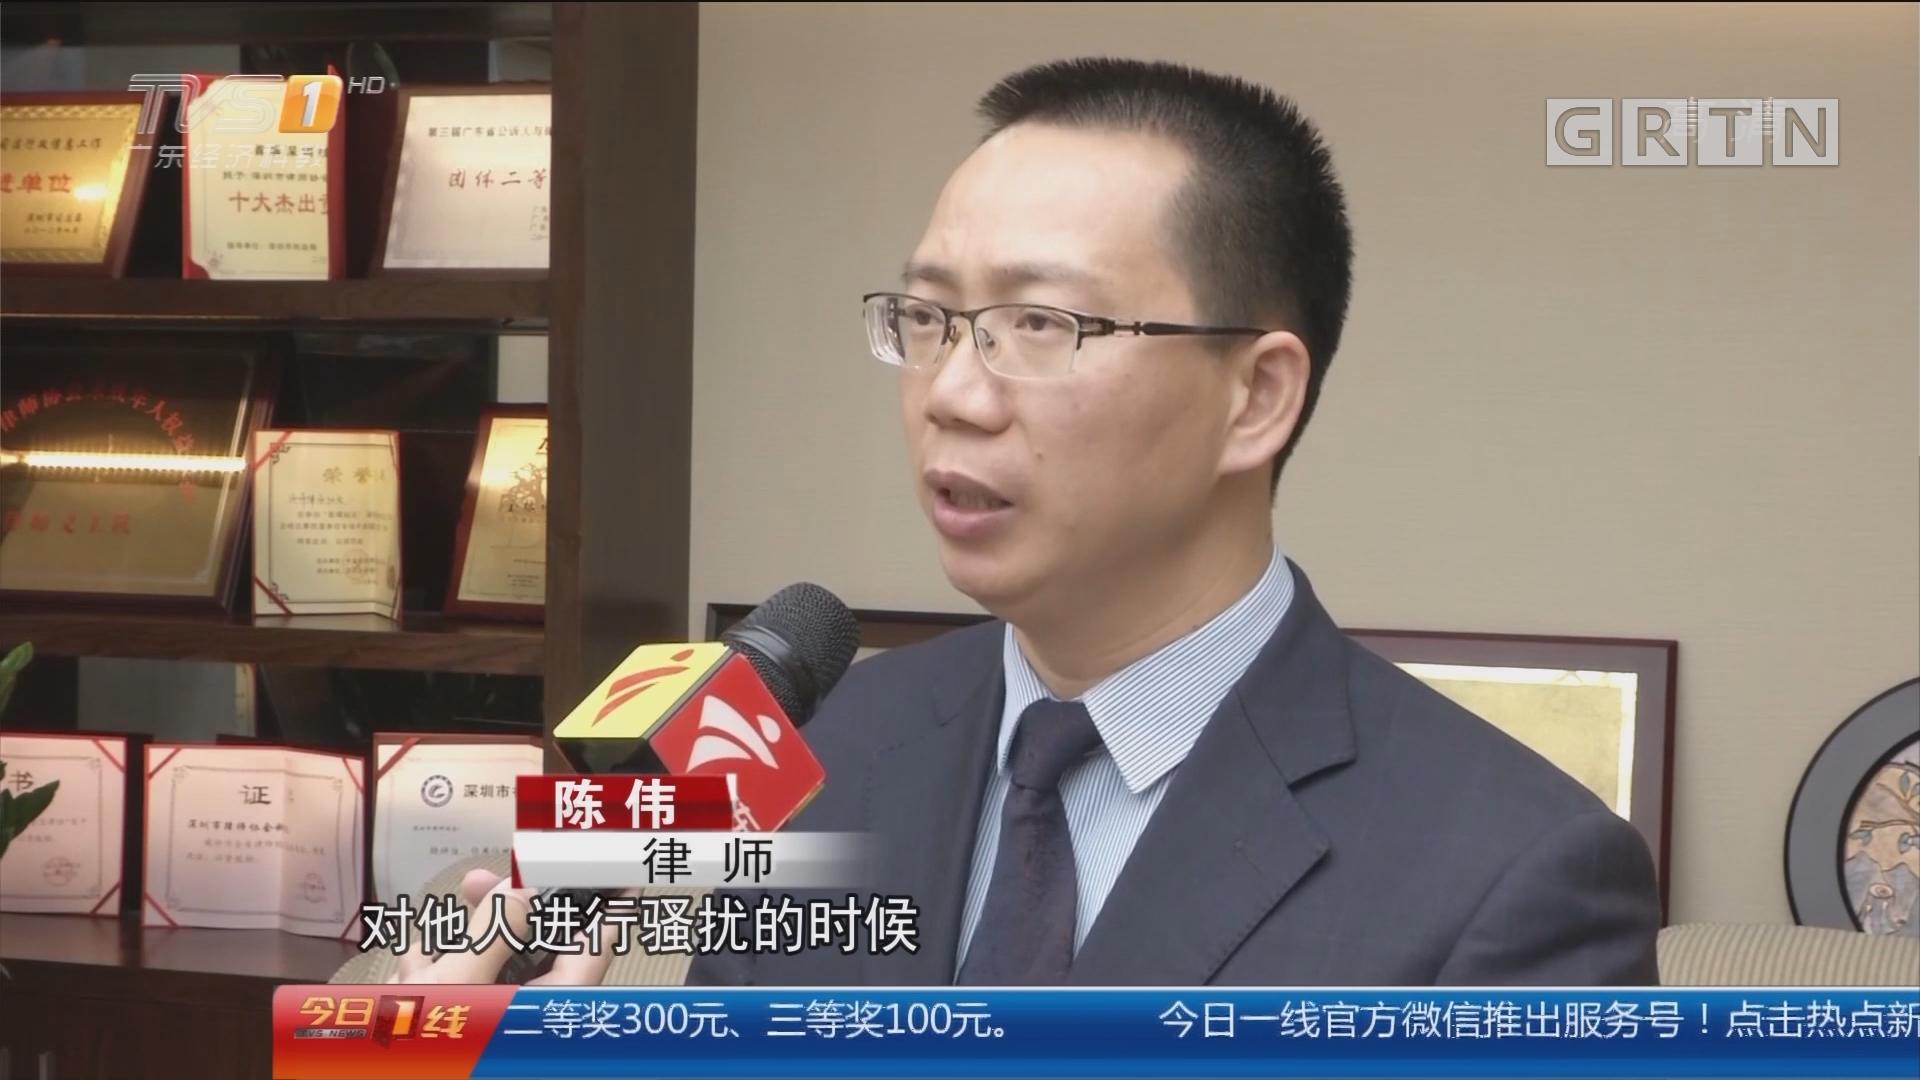 深圳:疑因拒绝酒水进货 多酒楼遭连环骚扰